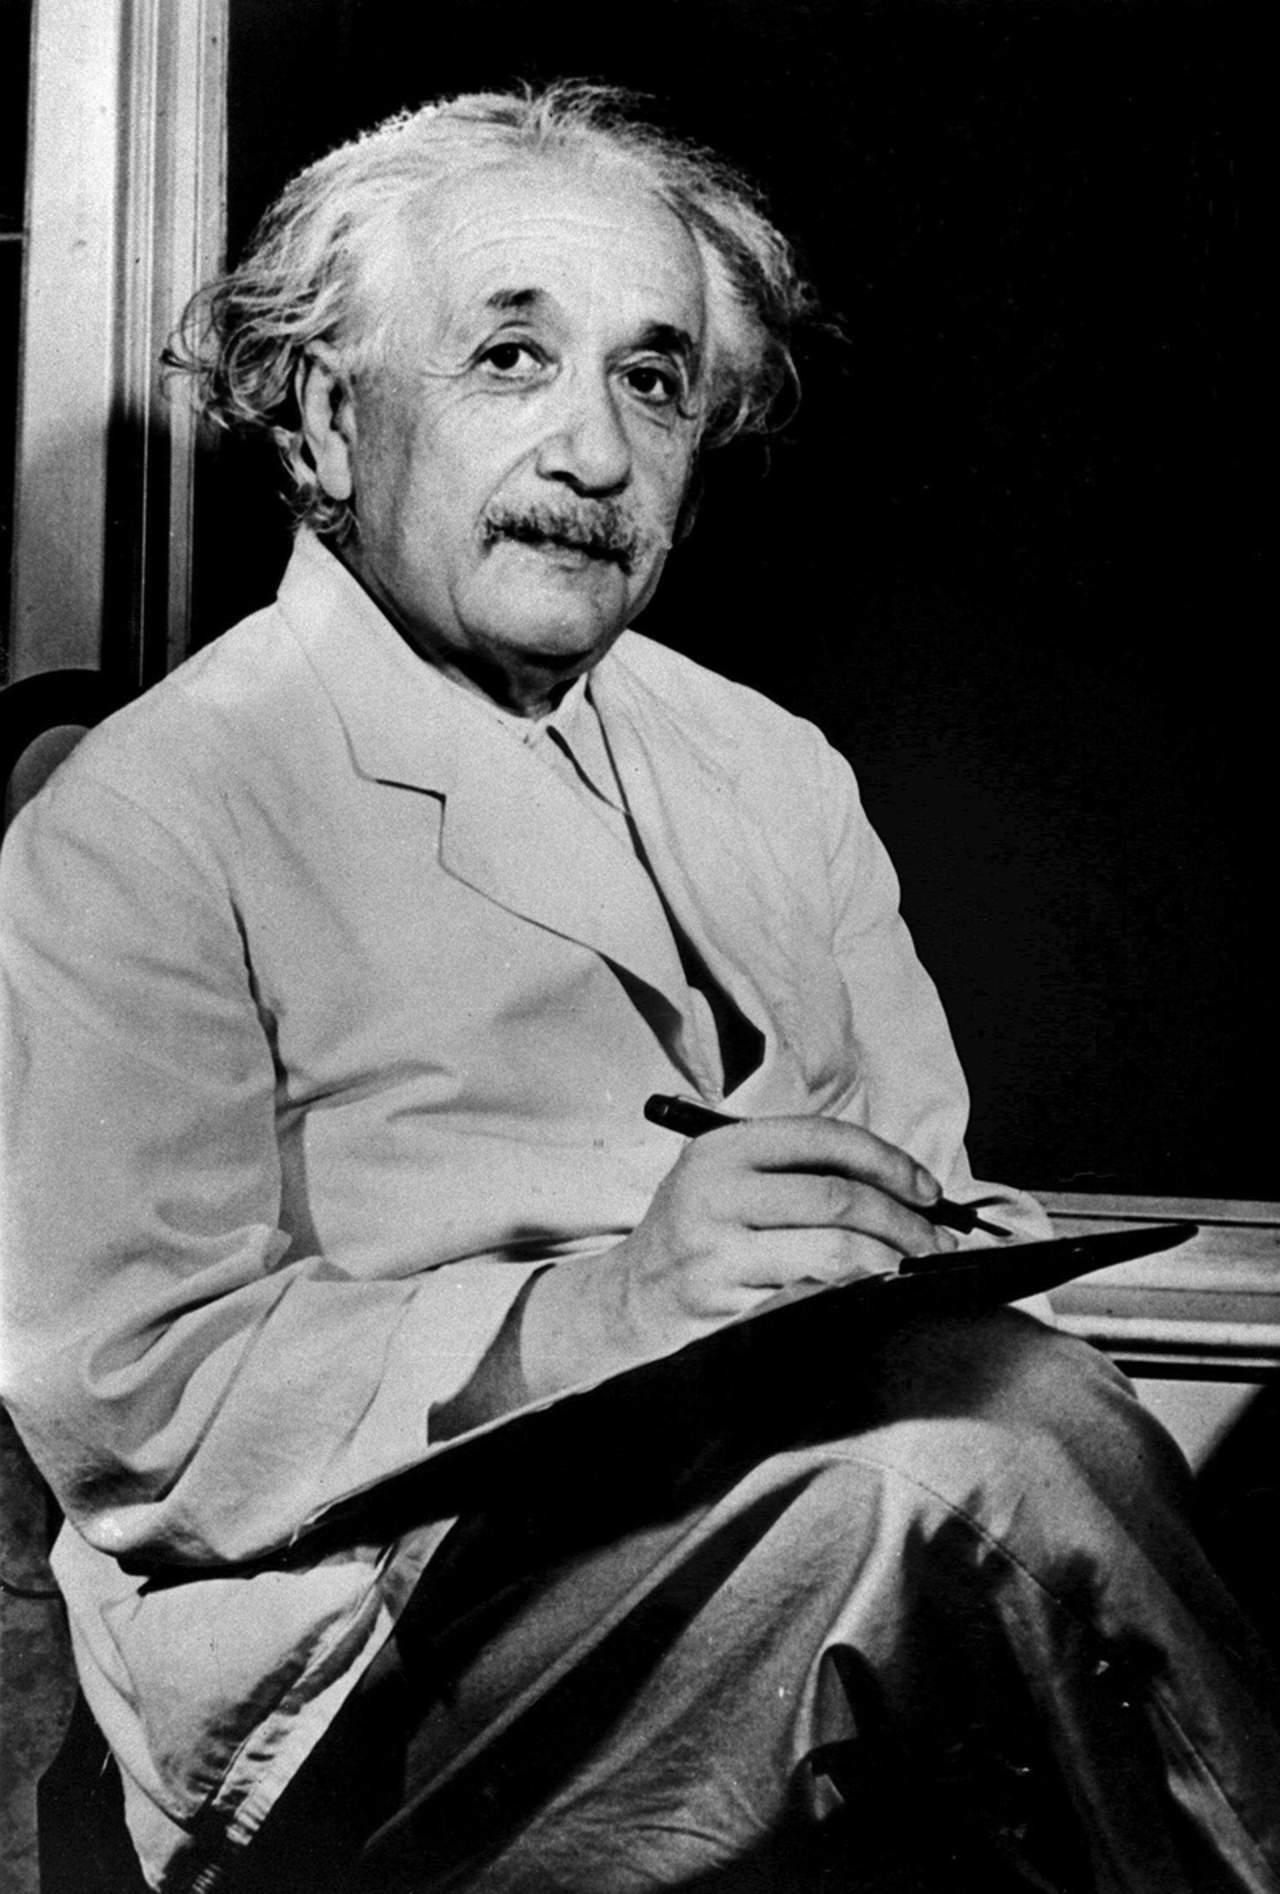 1879: Da su primer respiro Albert Einstein, el científico más conocido y popular del siglo XX